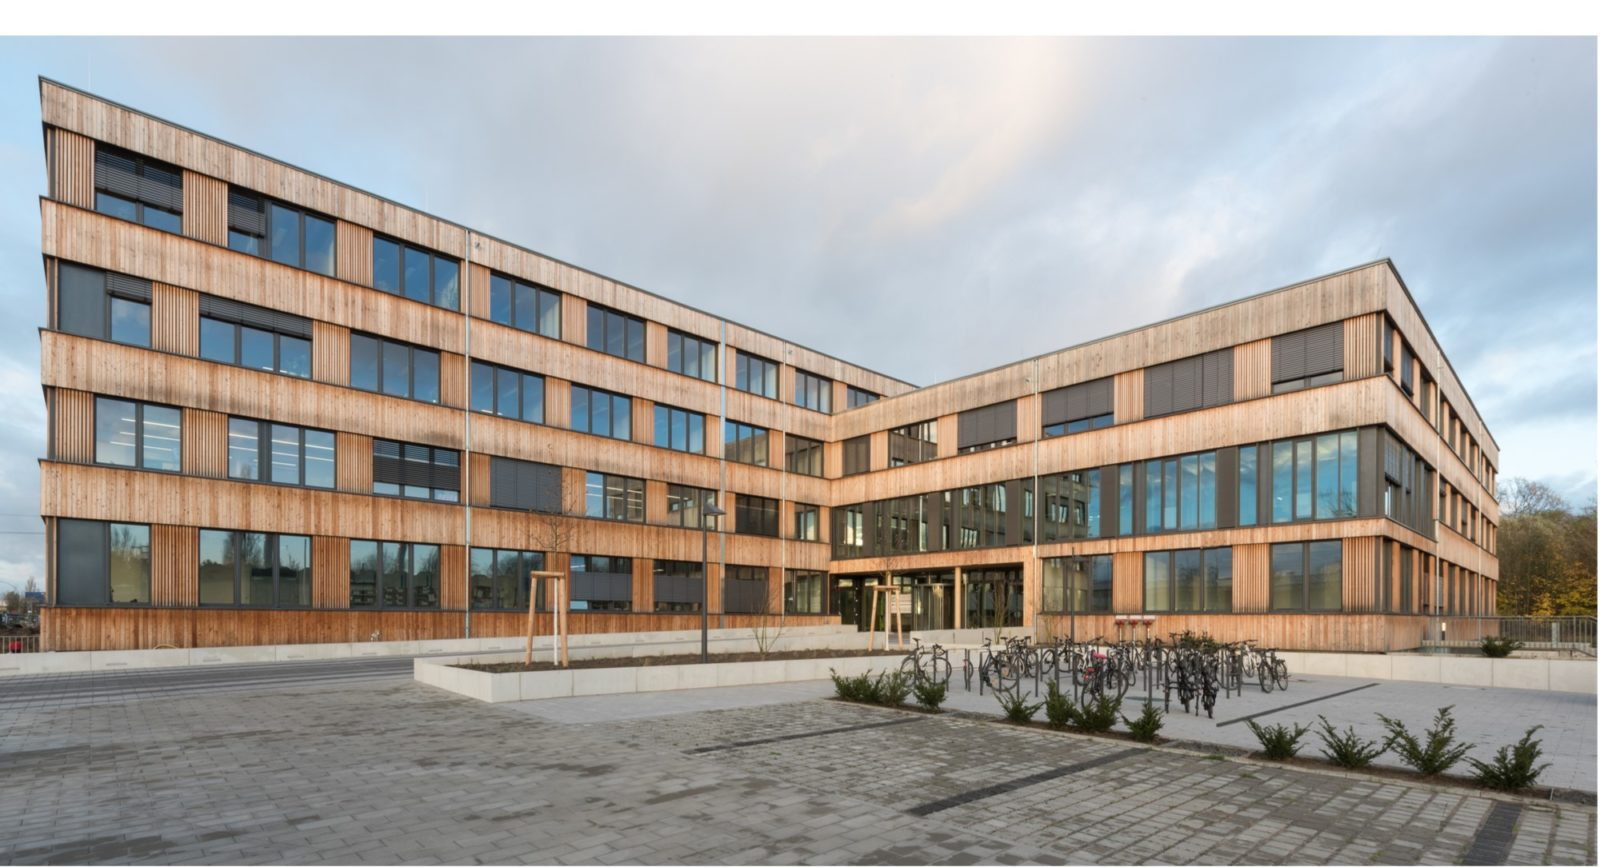 Firmengebäude Flexim GmbH Berlin_brandschutz plus eberl-pacan brandschutzplaner_Berlin_Gebäude aussen